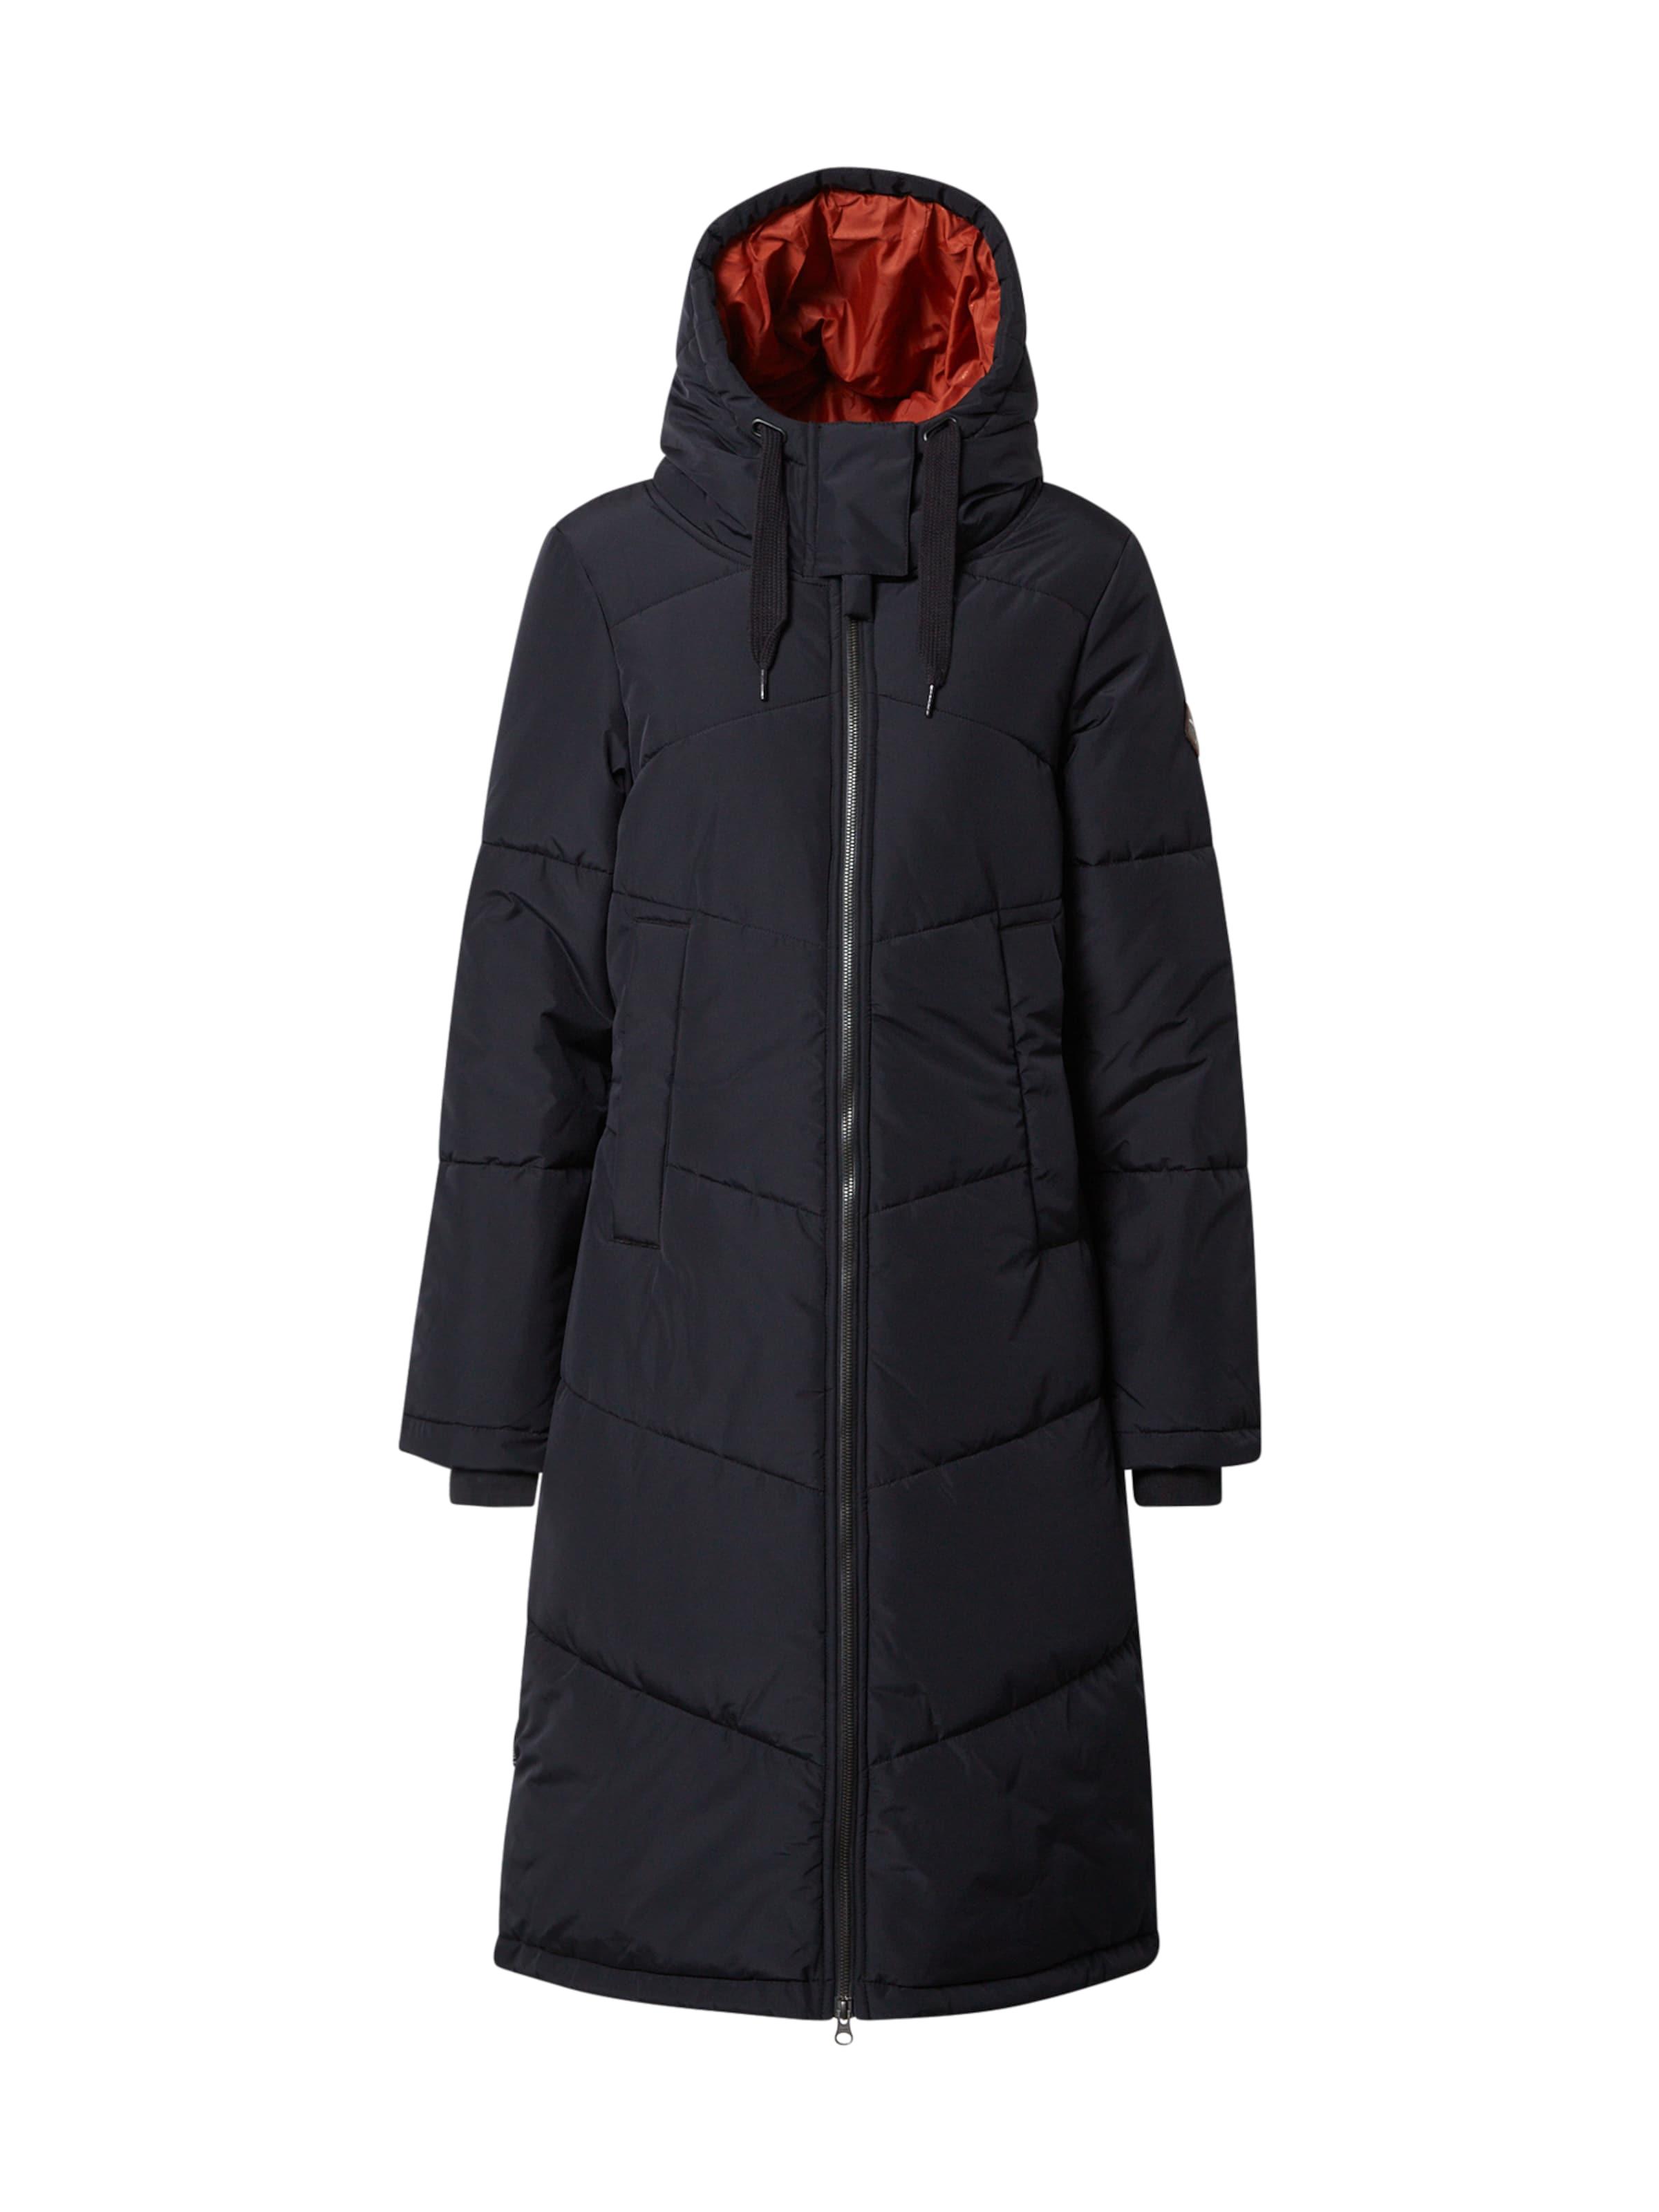 Iriedaily Vinterkappa i svart